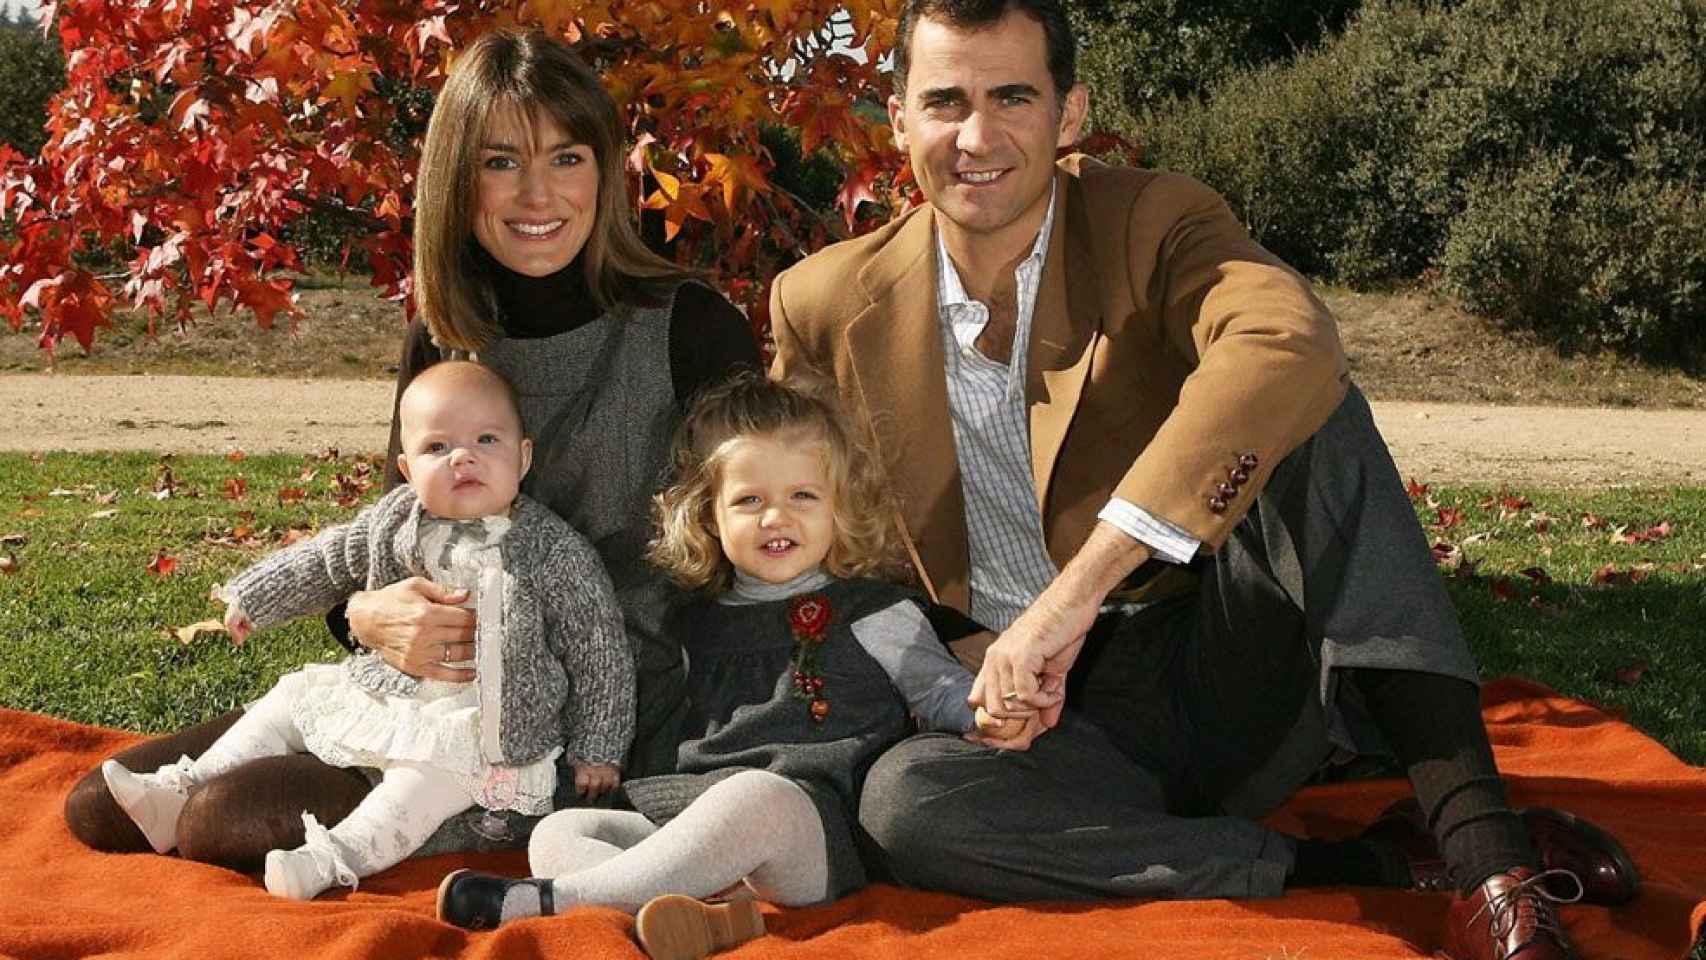 En 2007 la familia al completo felicitó las fiestas con esta estampa otoñal